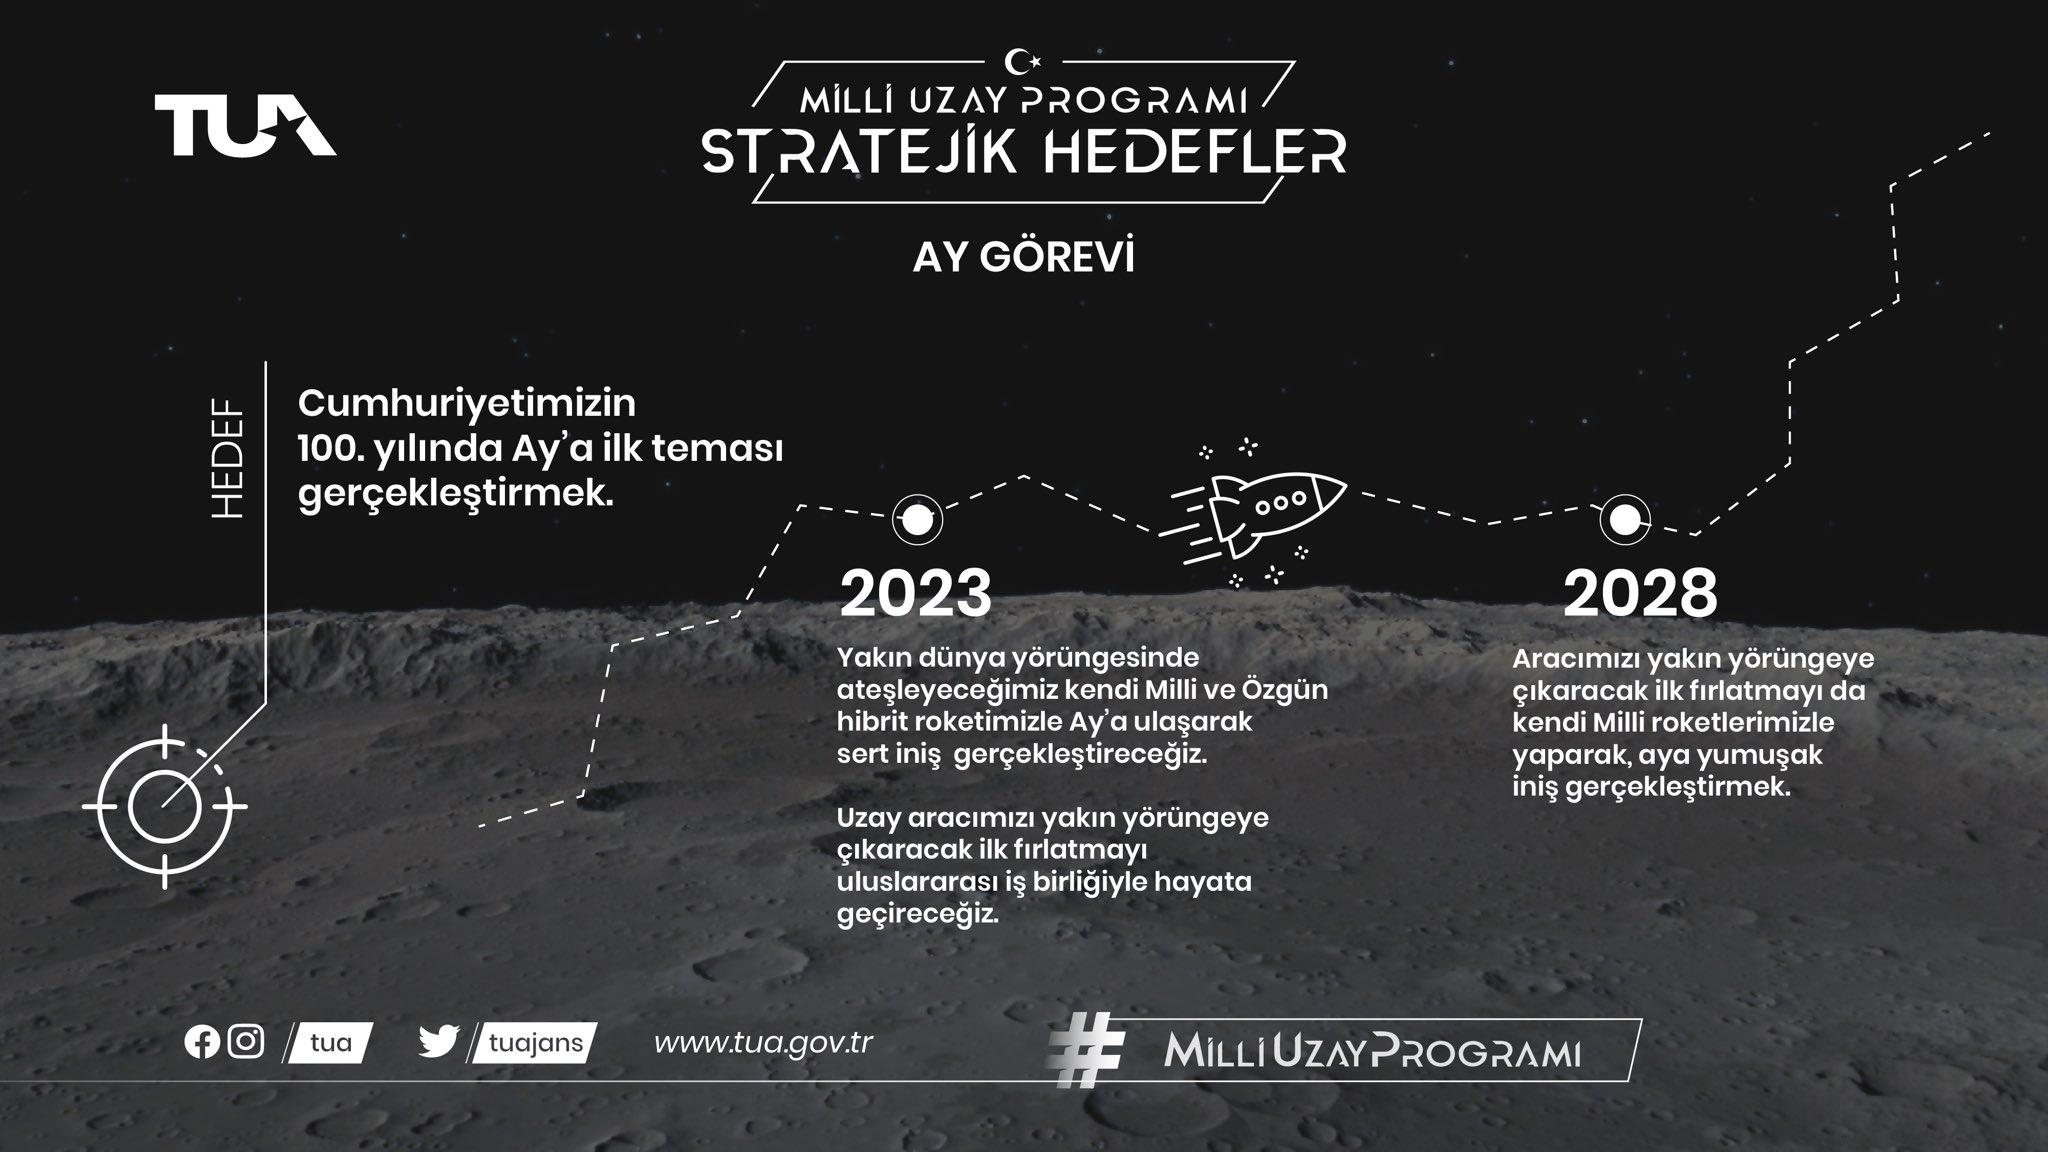 Türkiye Uzay Ajansı - Ay Görevi - turkiyenin-uzay-macerasi-basliyor-turkiye-uzay-ajansi